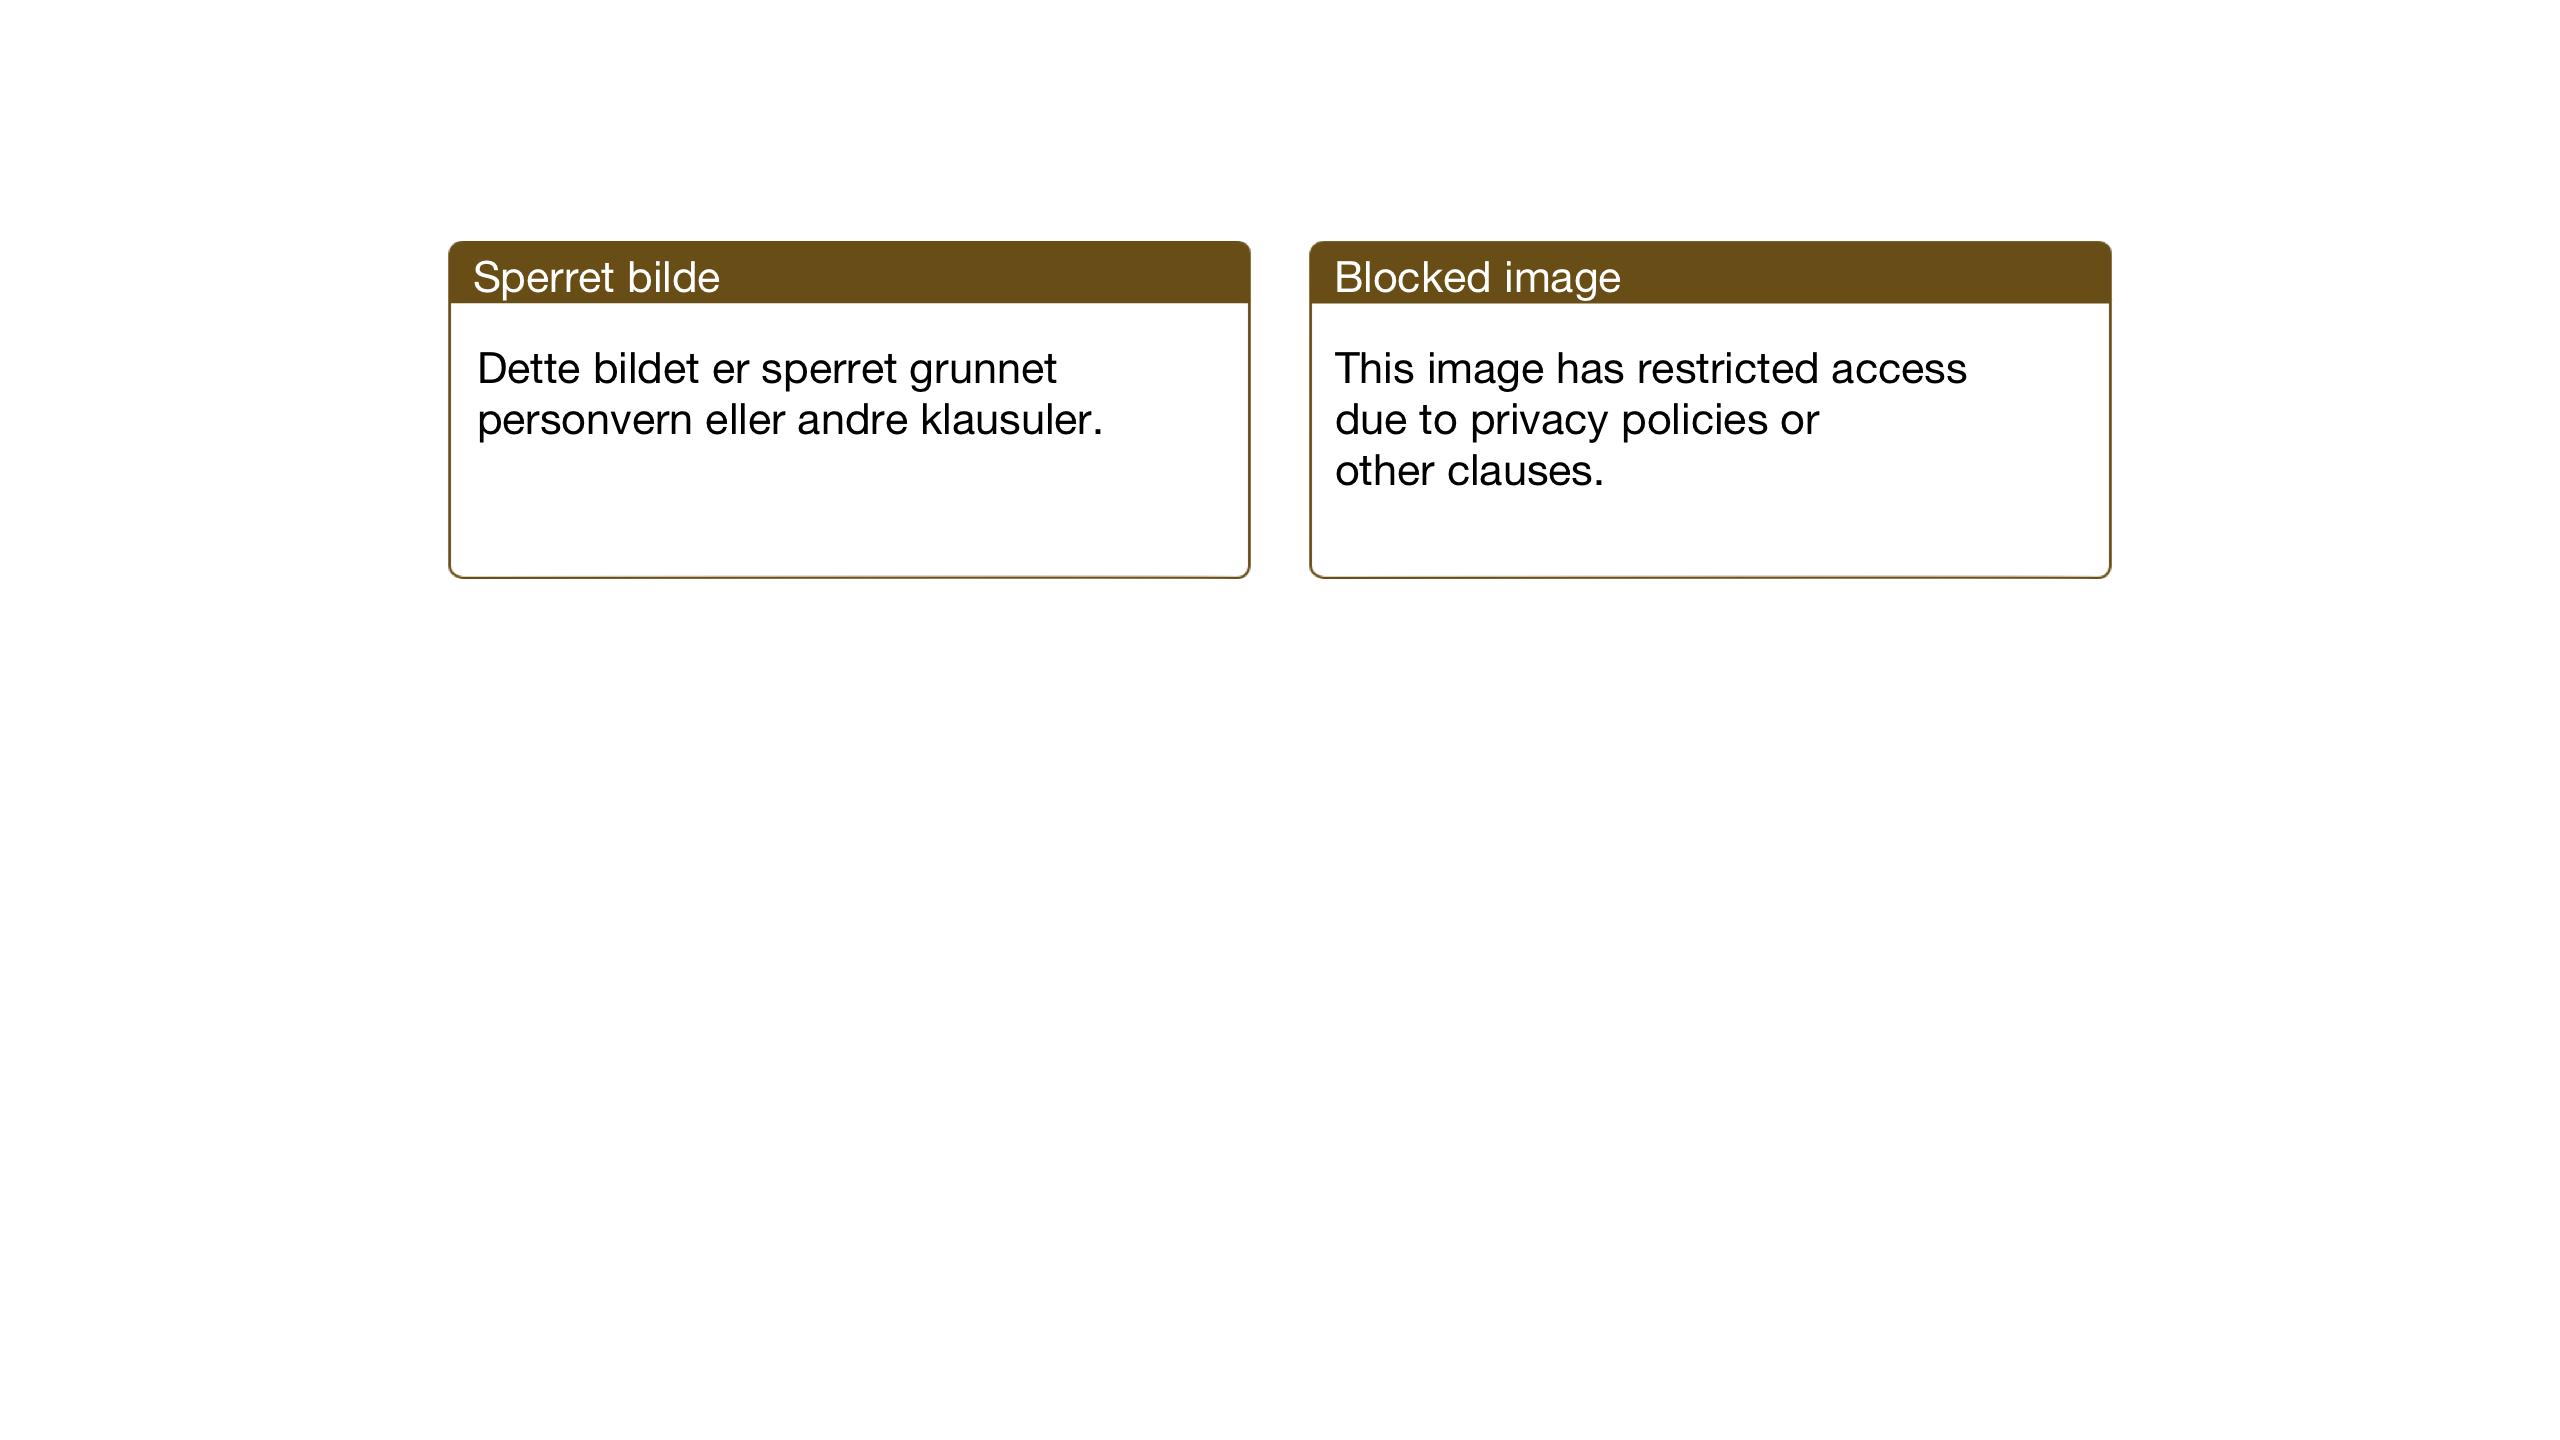 SAT, Ministerialprotokoller, klokkerbøker og fødselsregistre - Sør-Trøndelag, 621/L0462: Klokkerbok nr. 621C05, 1915-1945, s. 57